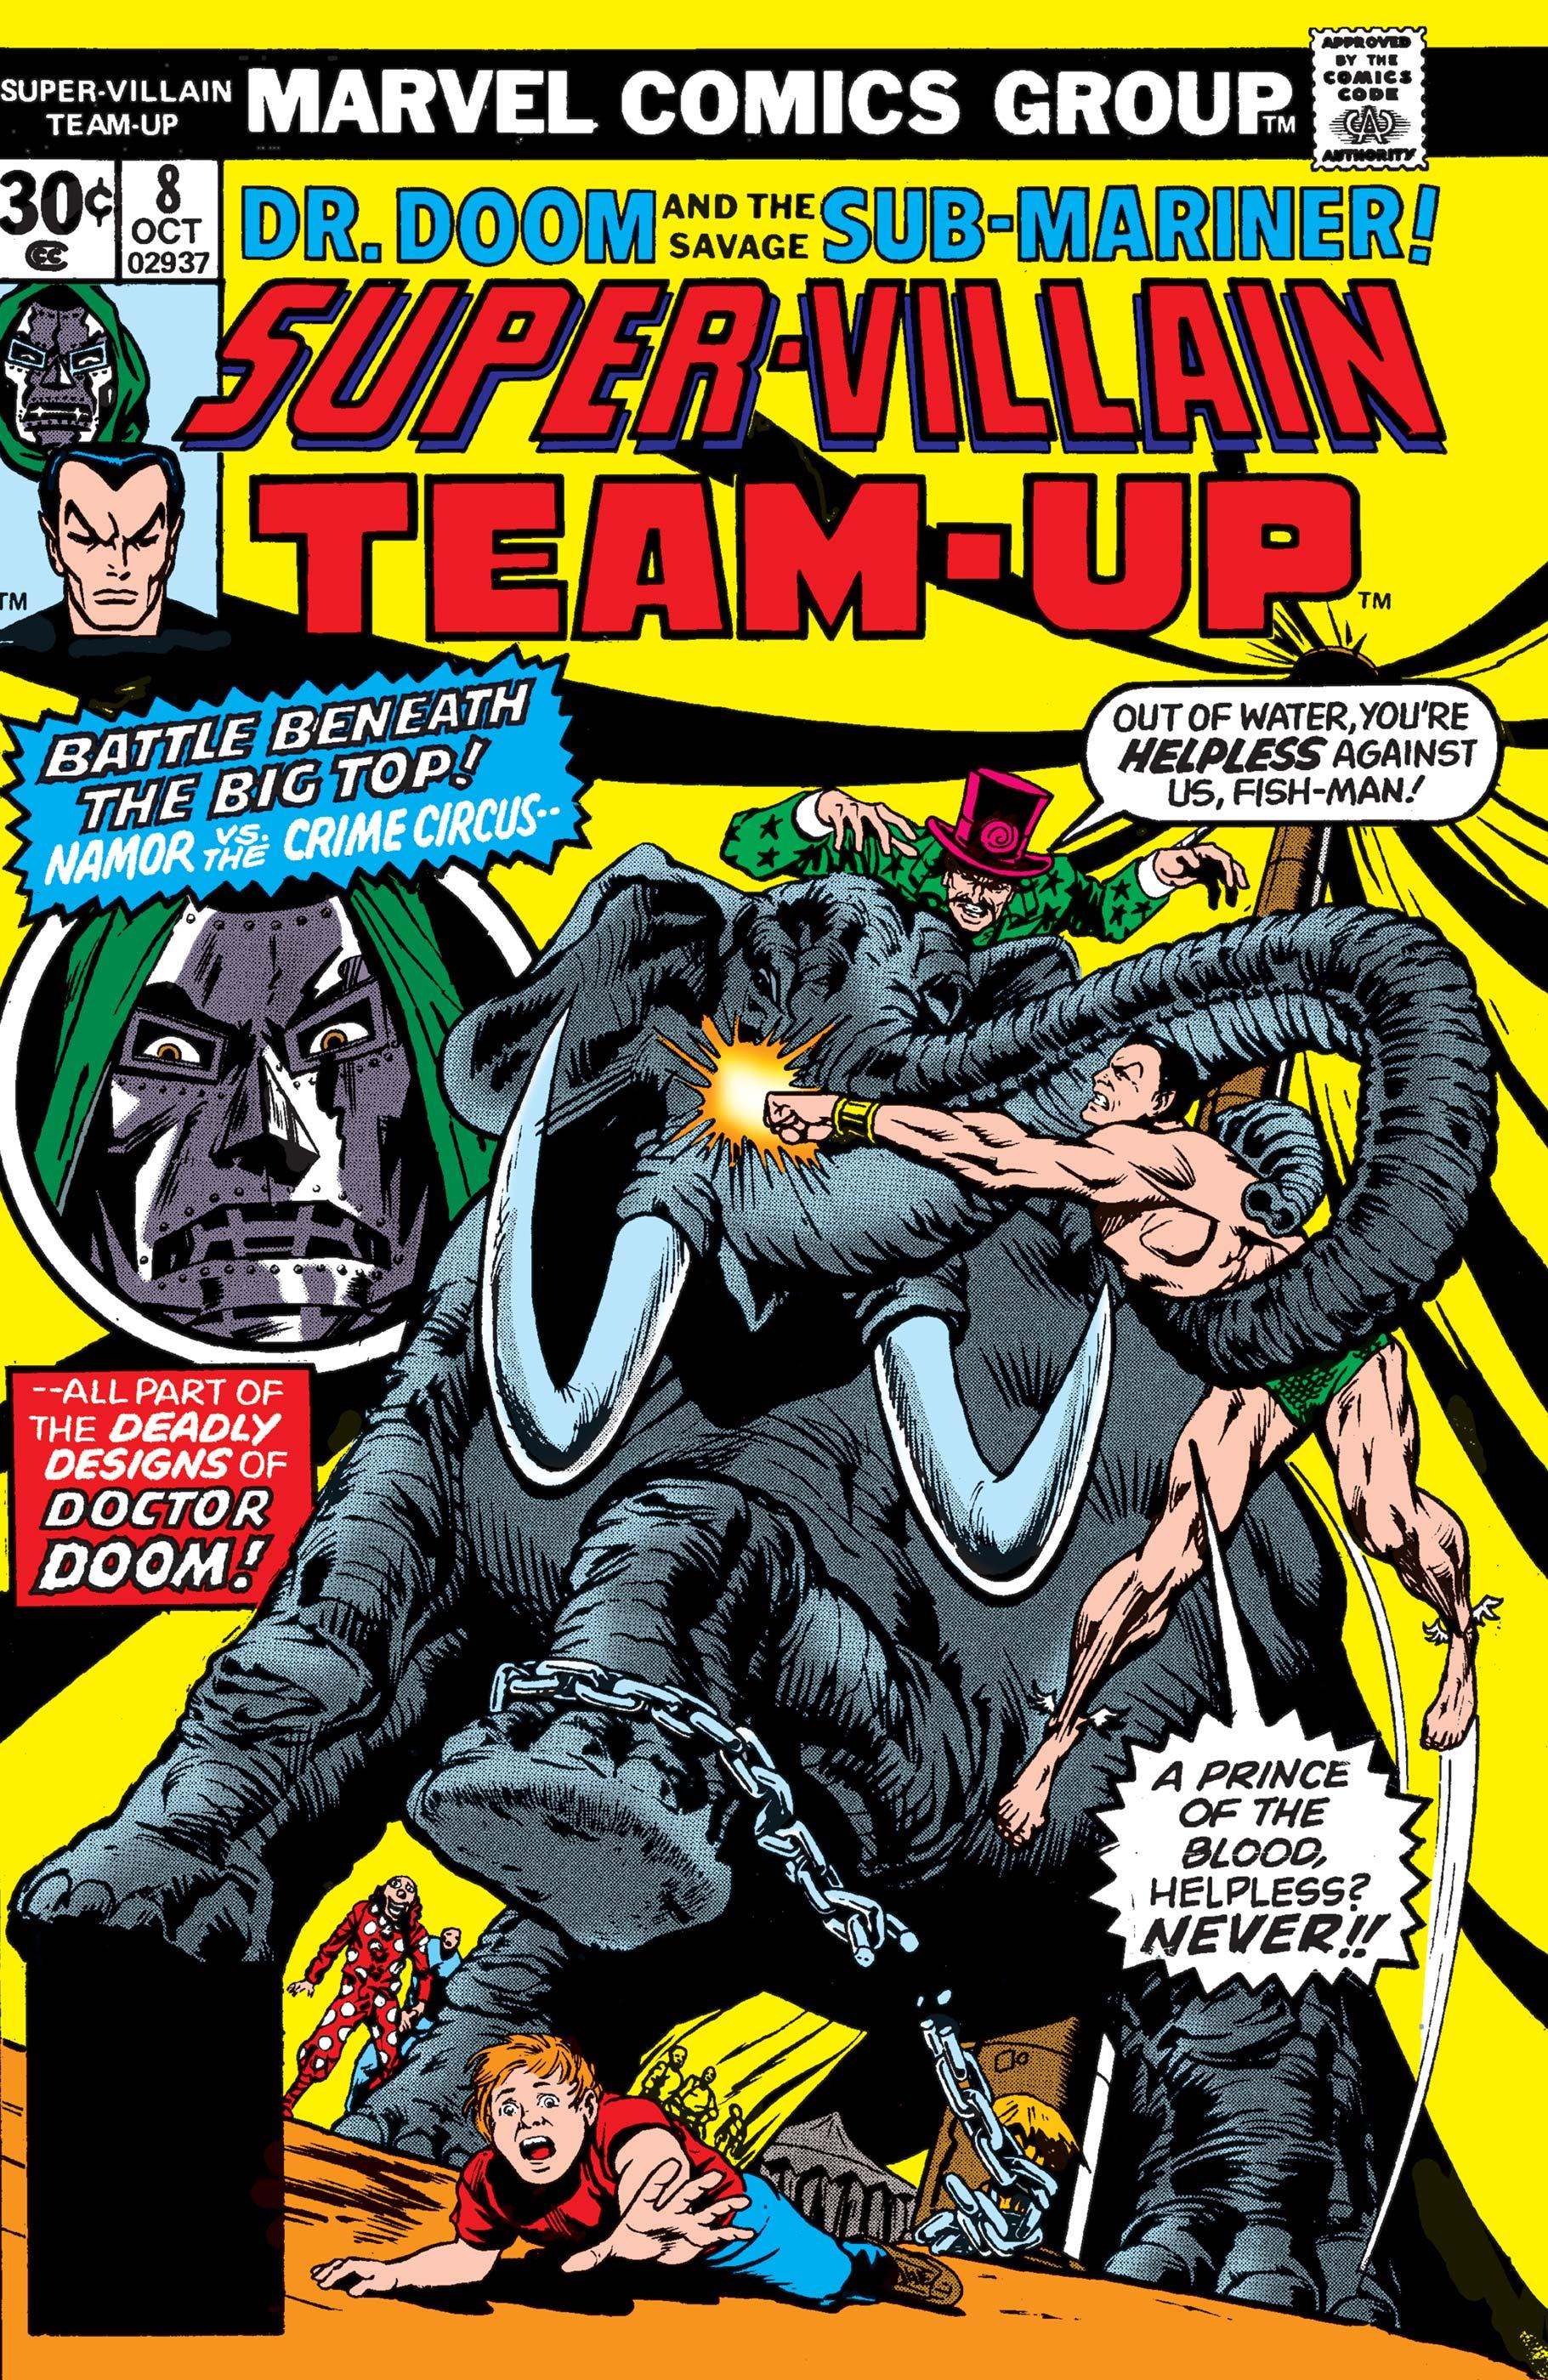 Super-Villain Team-Up (1975) #8